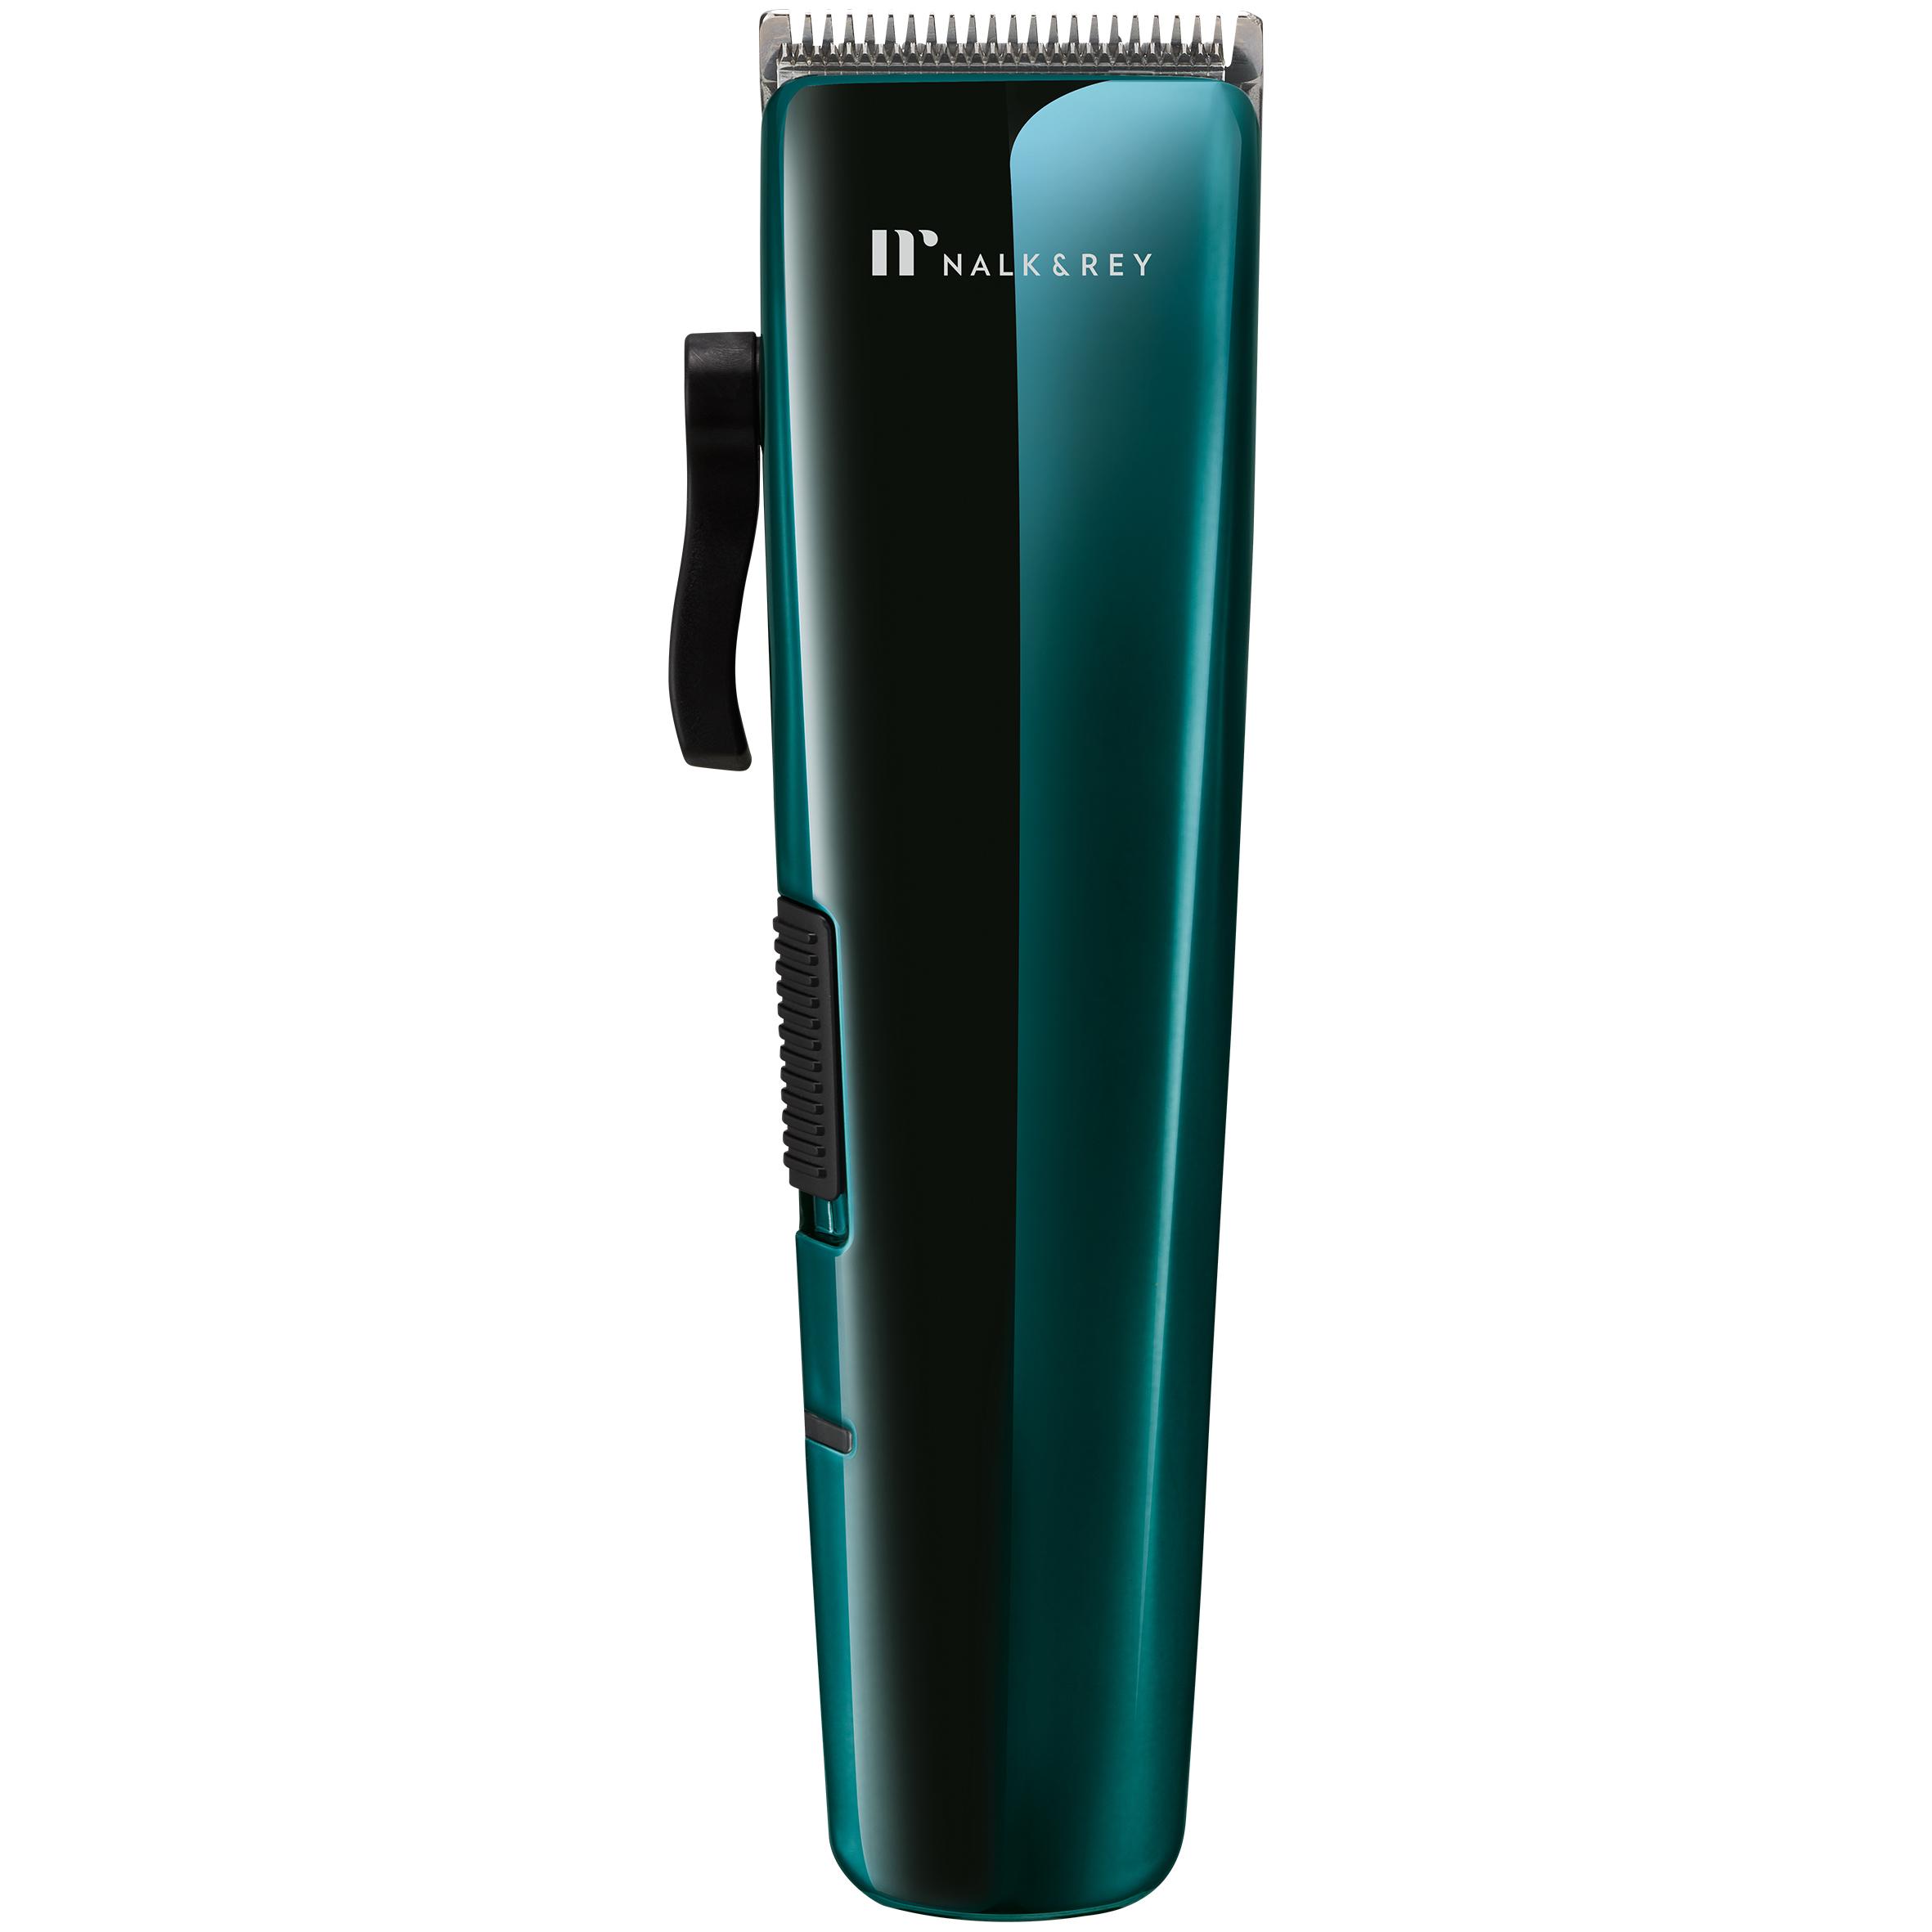 Tondeuse à cheveux - NRHC40-18 - Vert